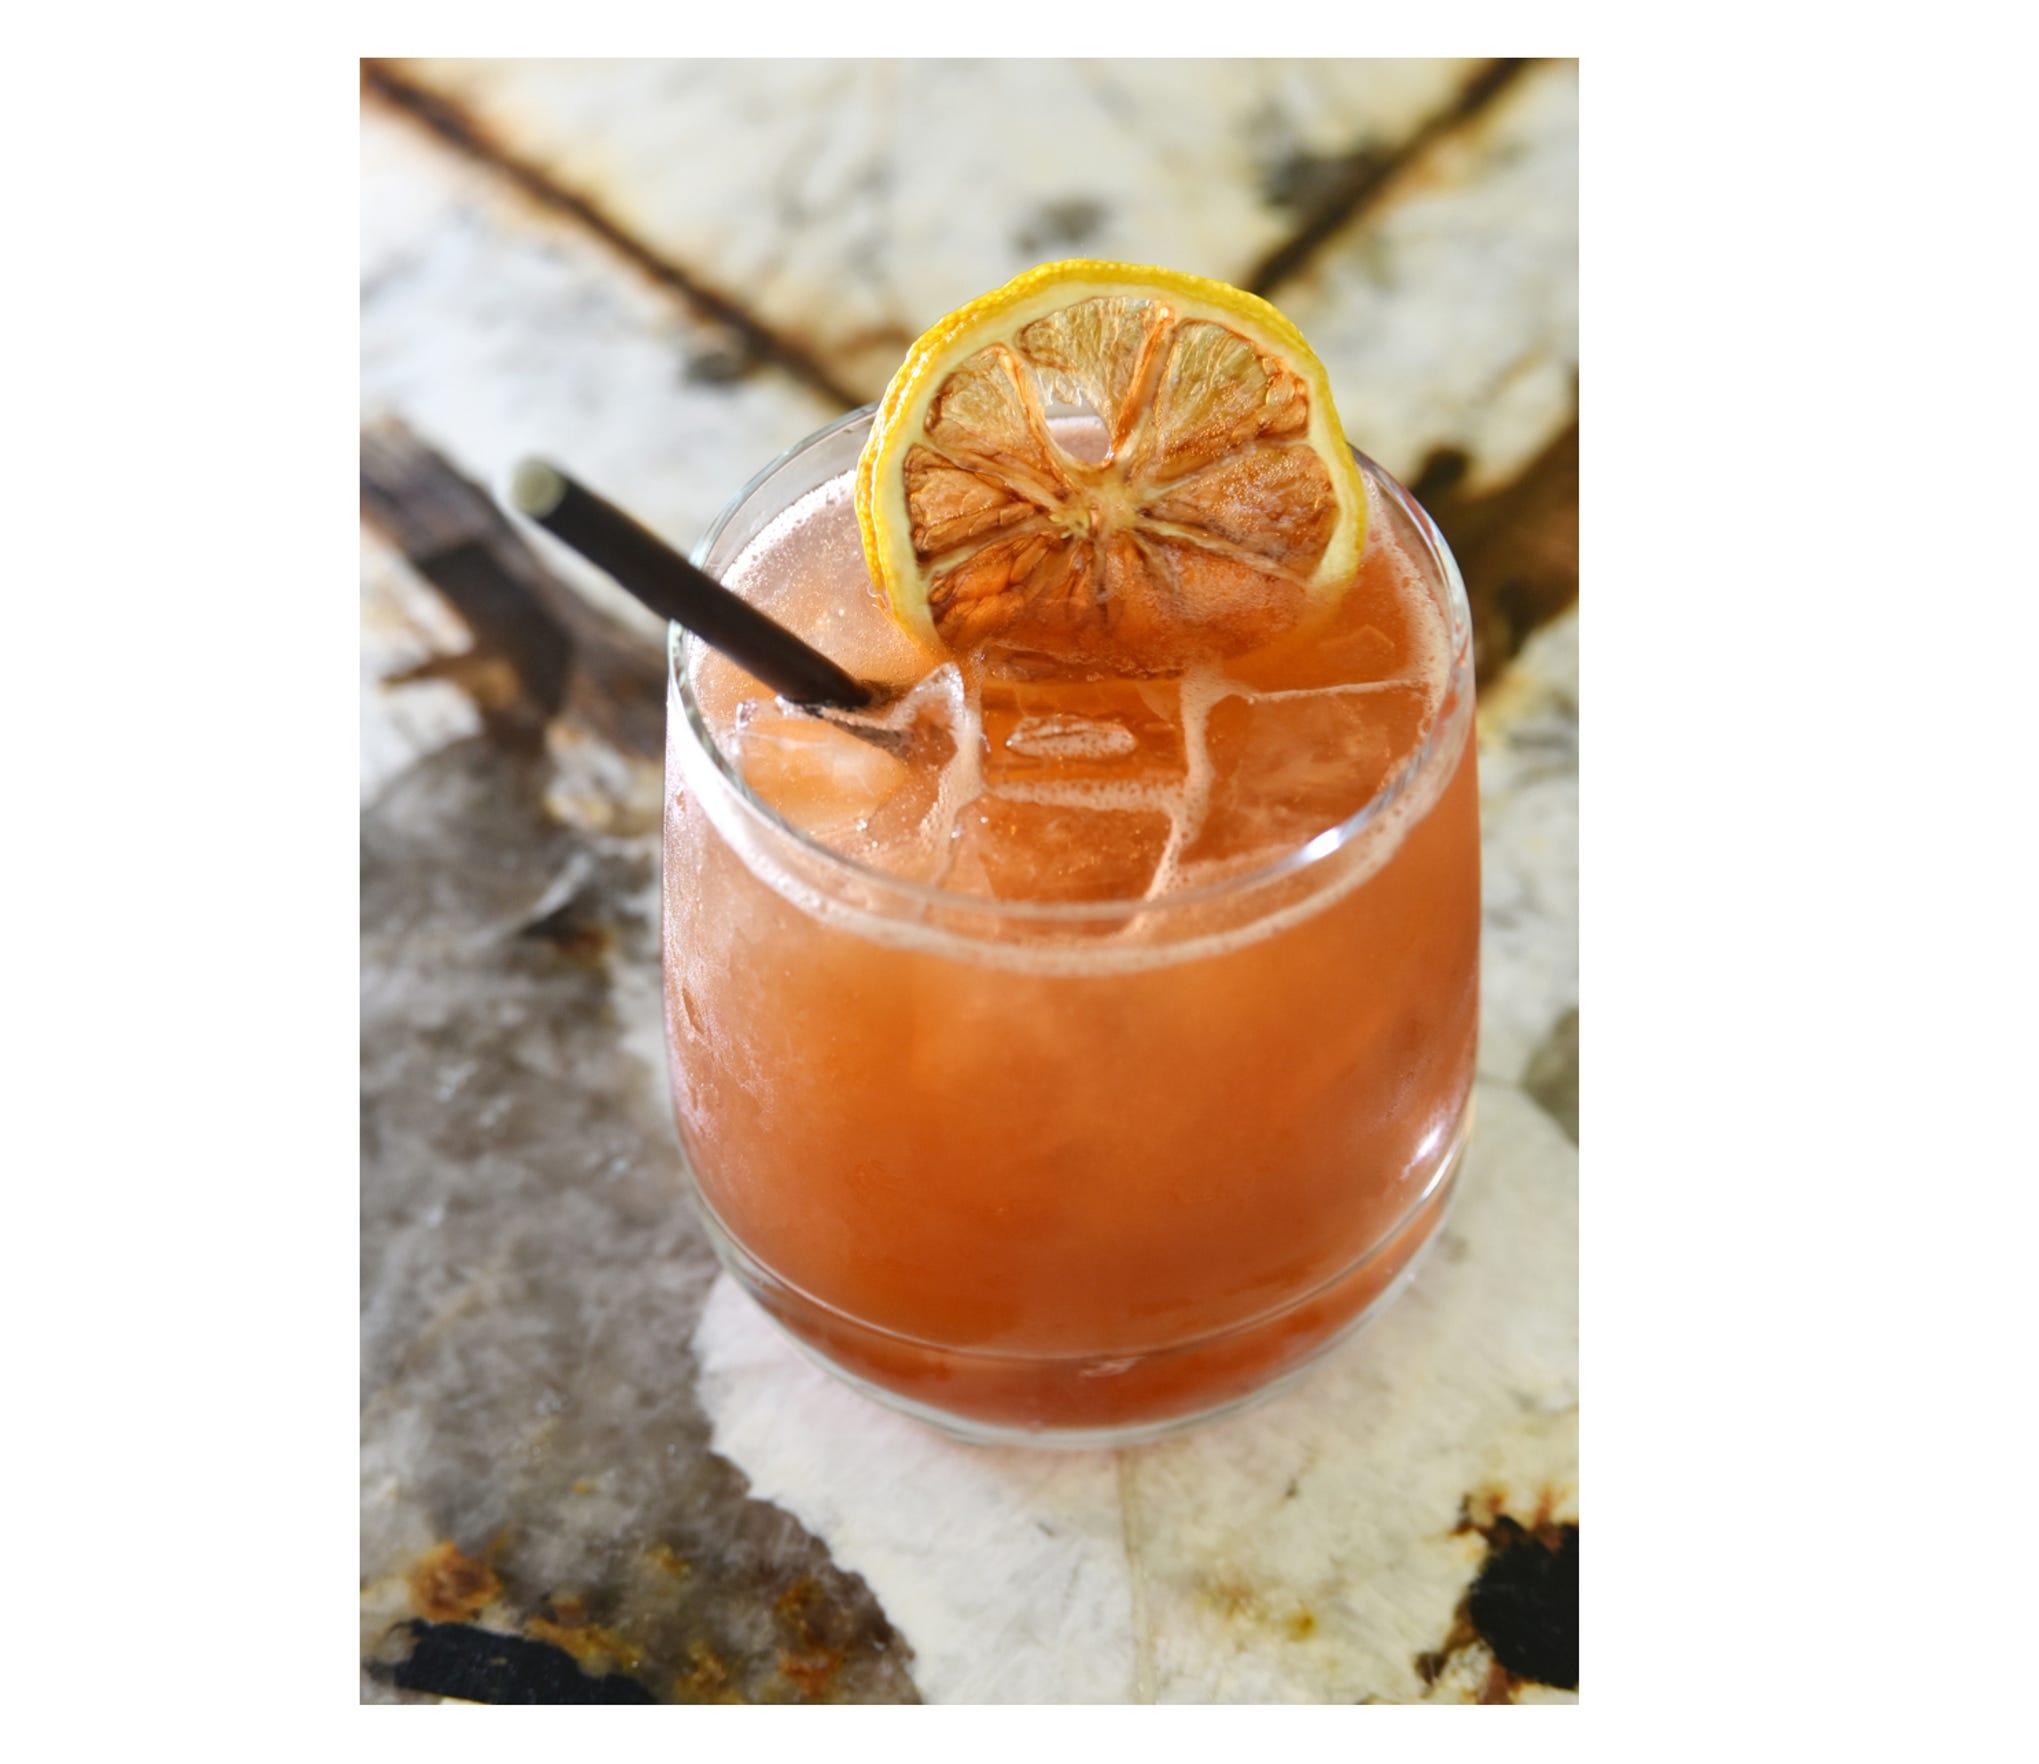 The Oak & Smoke cocktail from Oak & Honey in downtown Greenville.